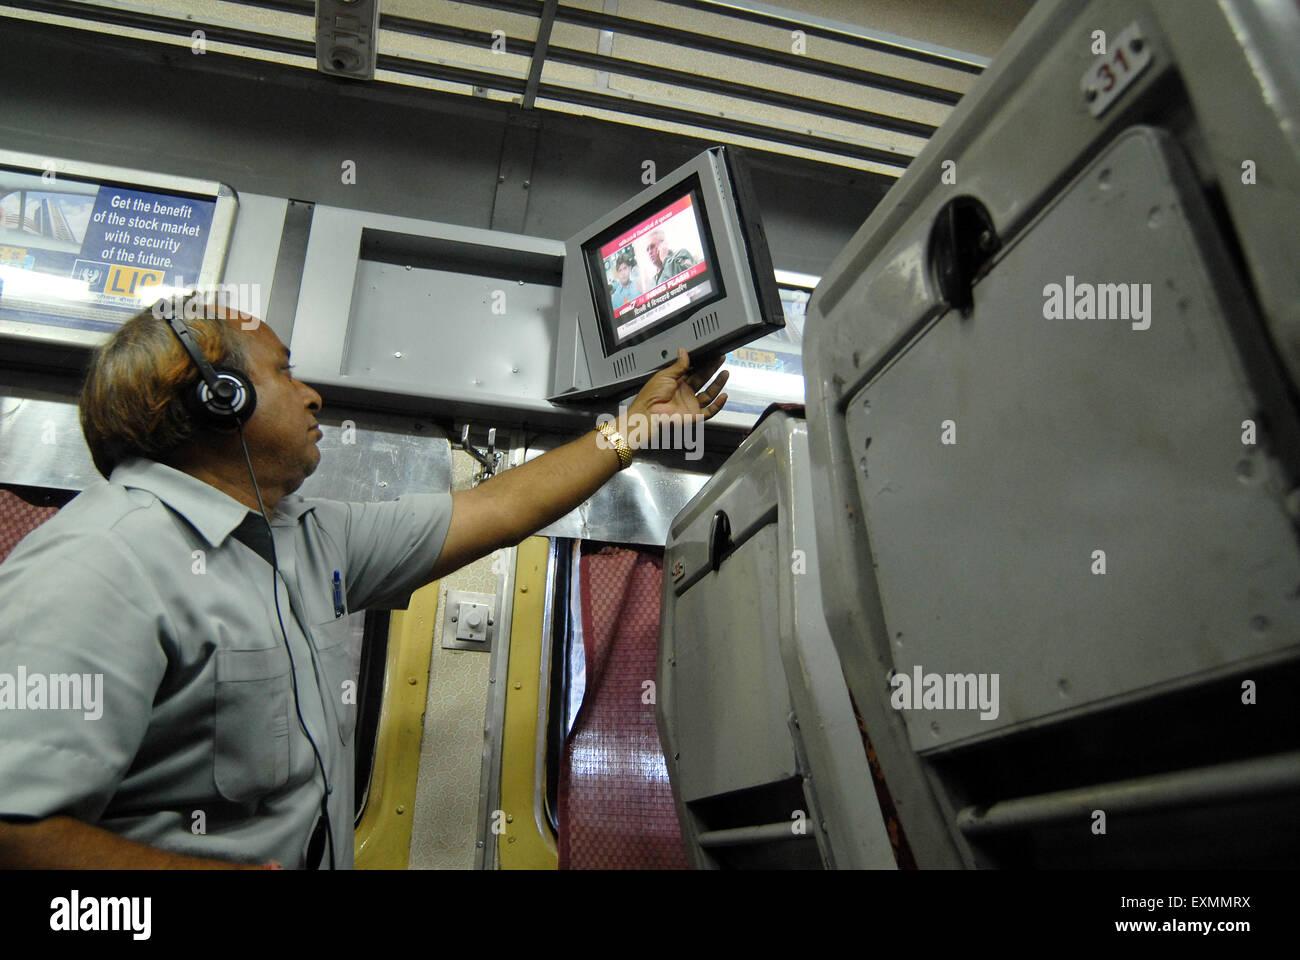 PKW vor dem Fernseher von Indian Railways auf experimenteller Basis in einer Luft einzuführen konditioniert Stockbild